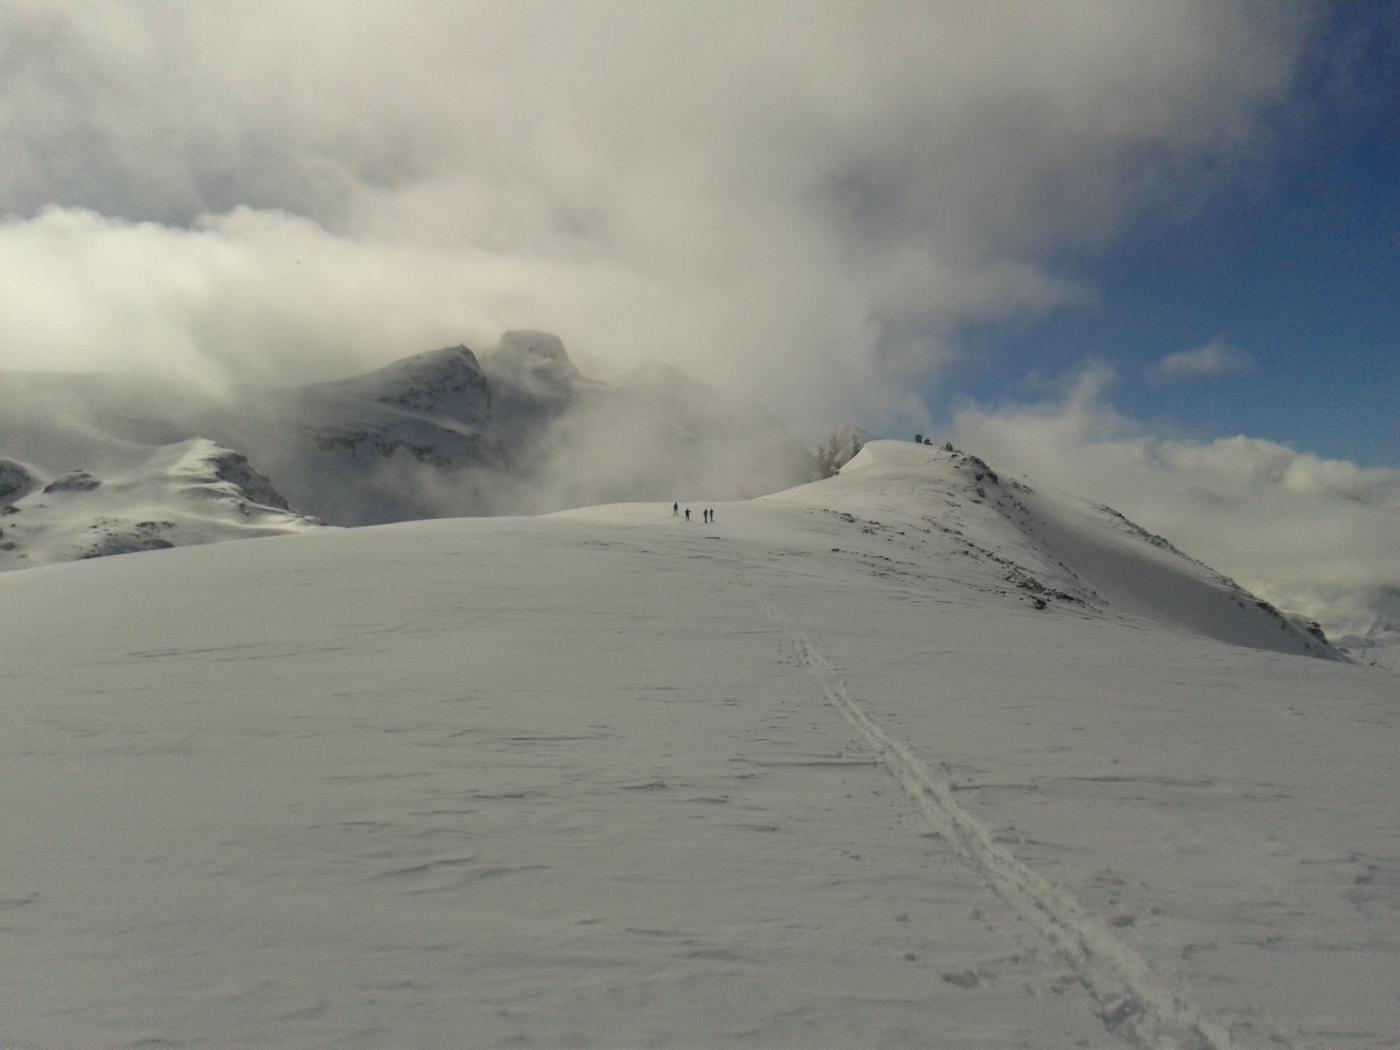 arrivando in cima...con l'Entrelor nella nuvola